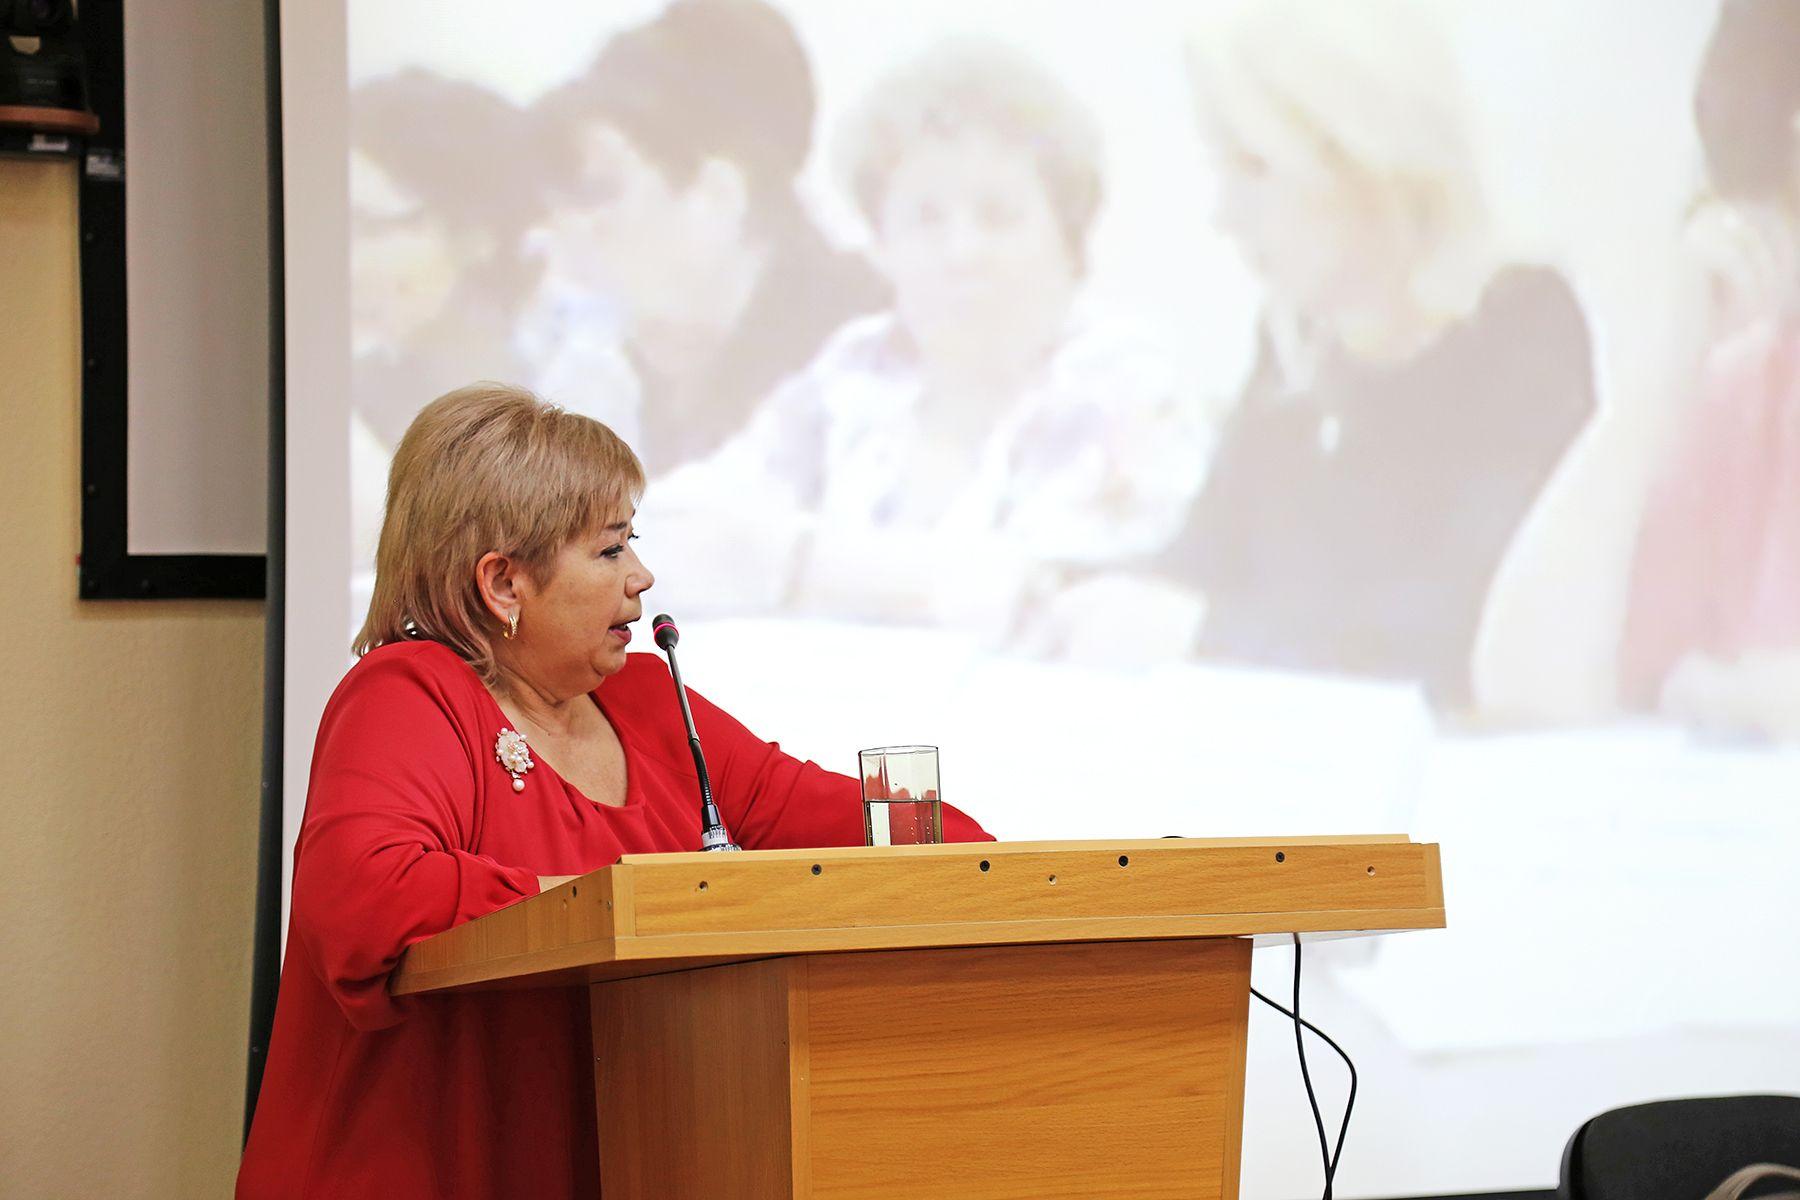 Апробация докторской диссертации состоялась в научной школе ВГУЭС